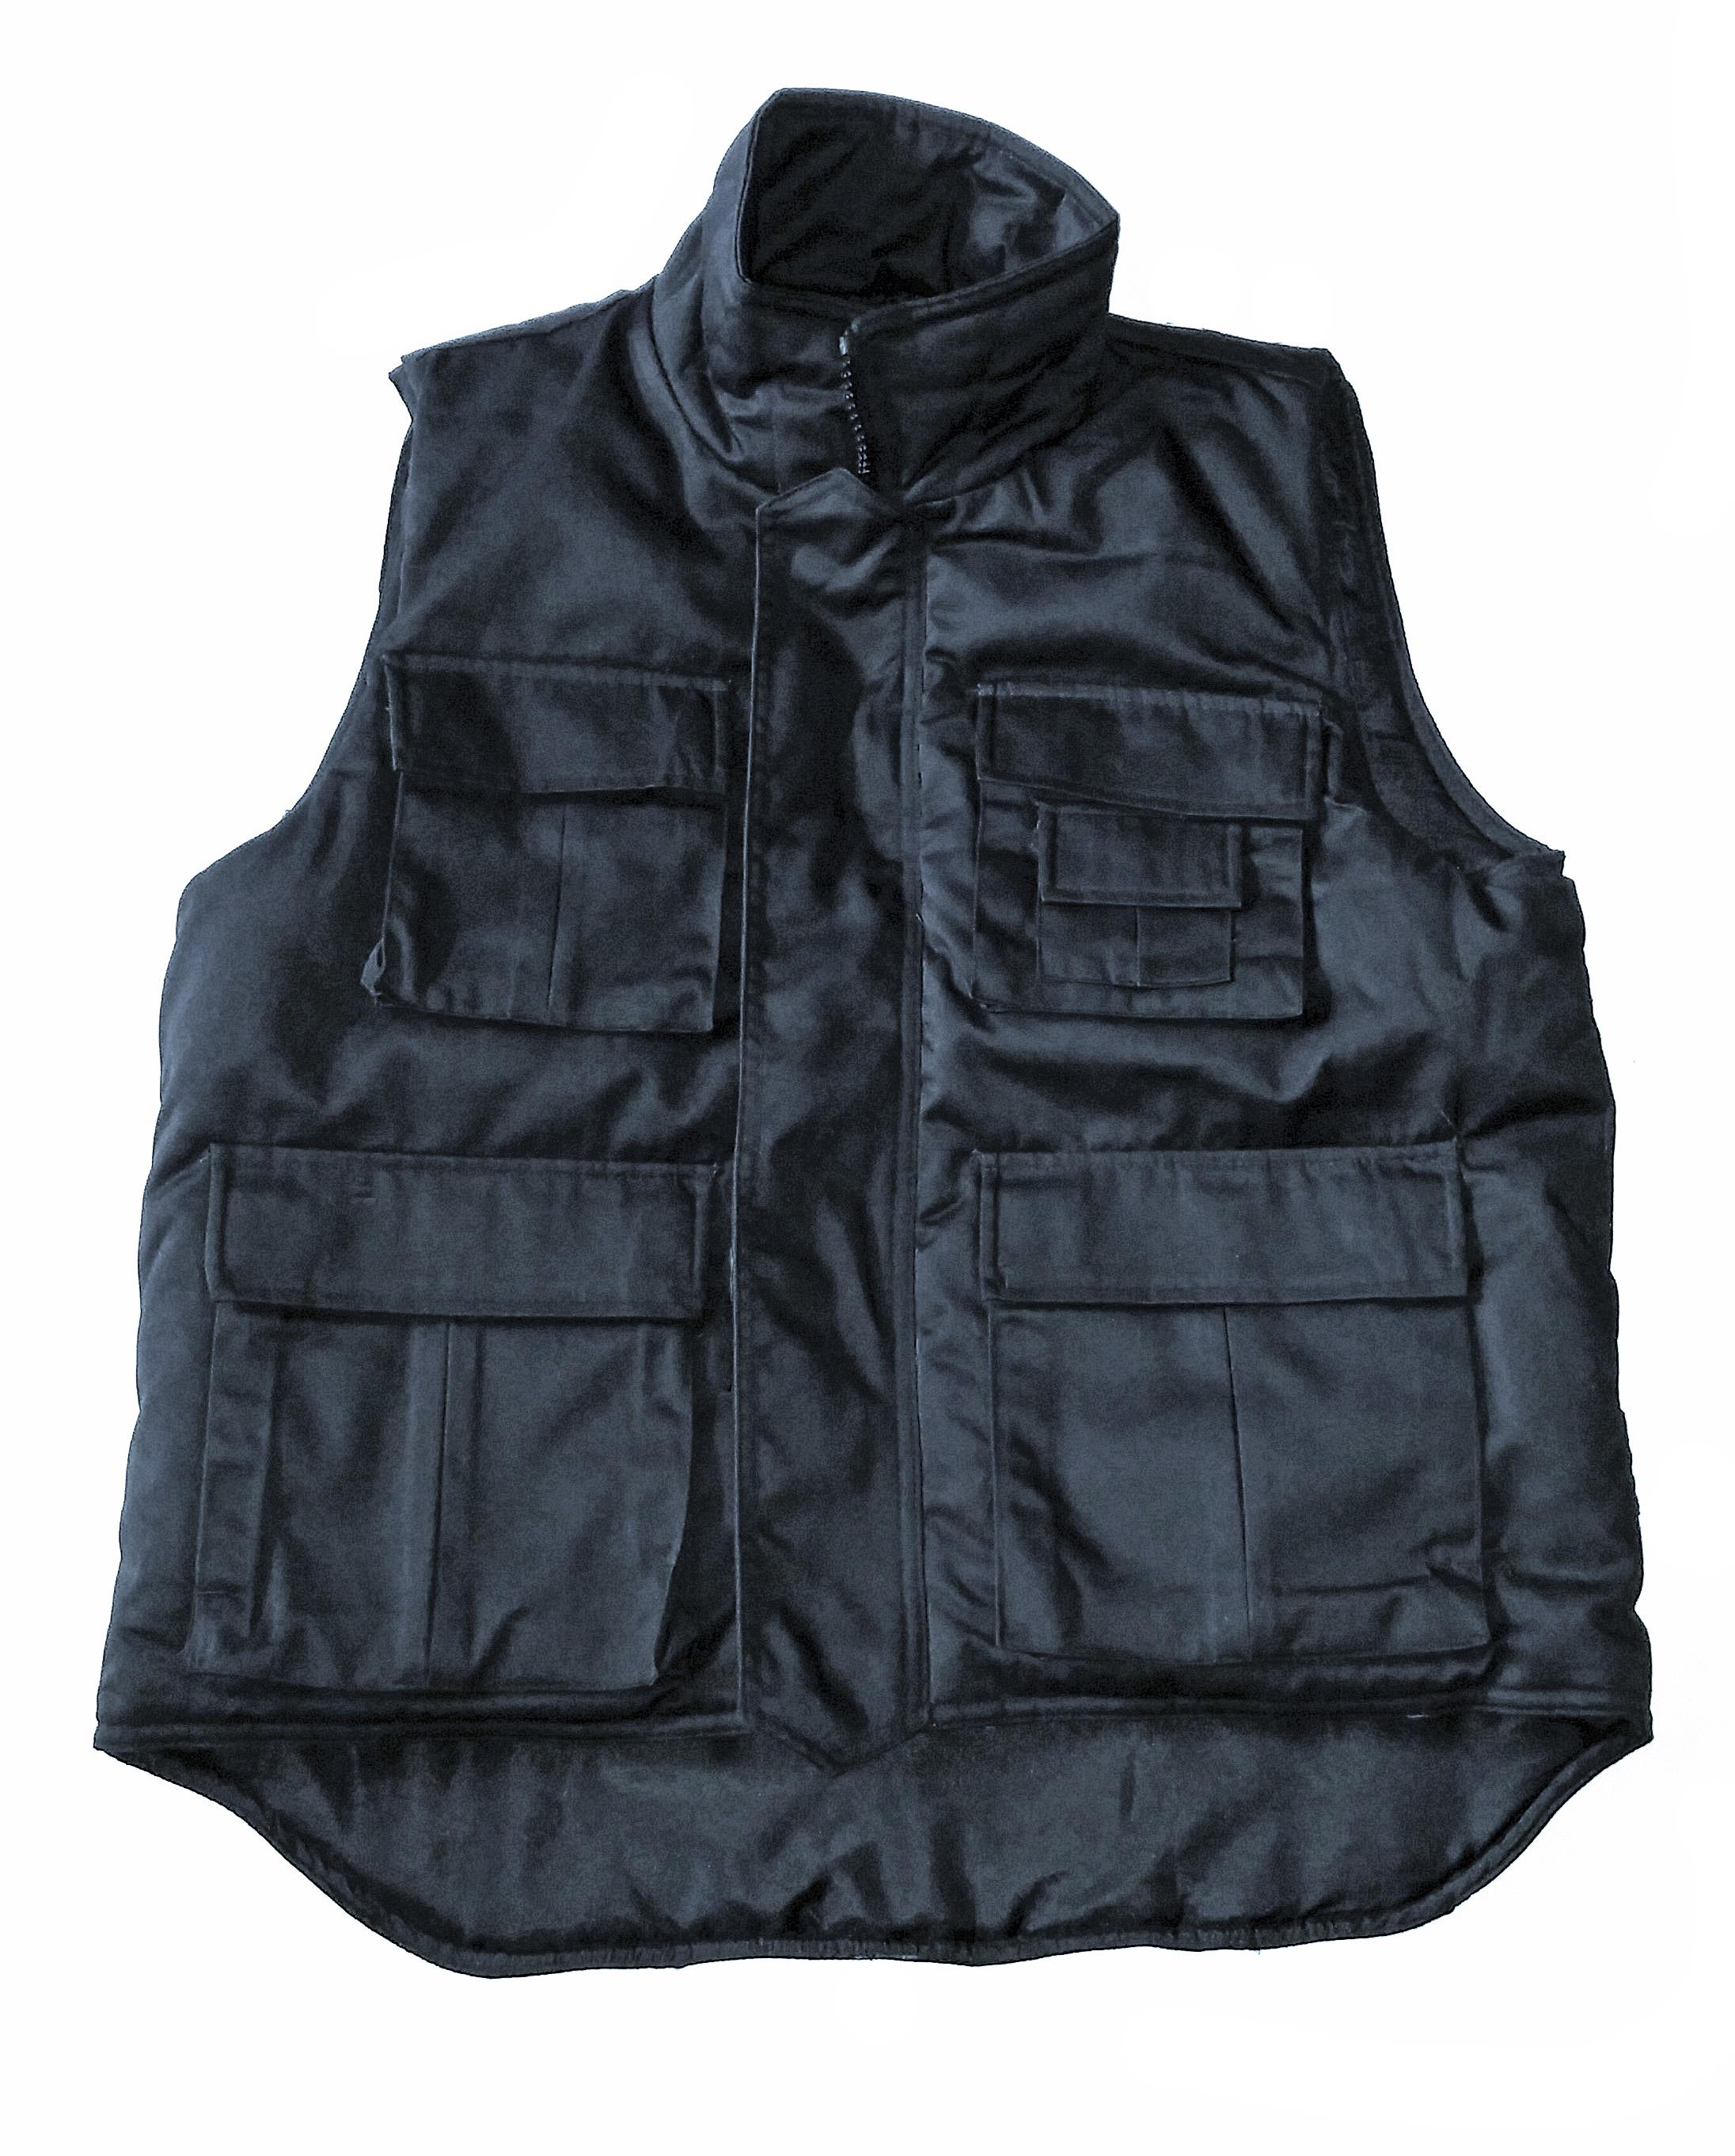 Ranger Vest - Black